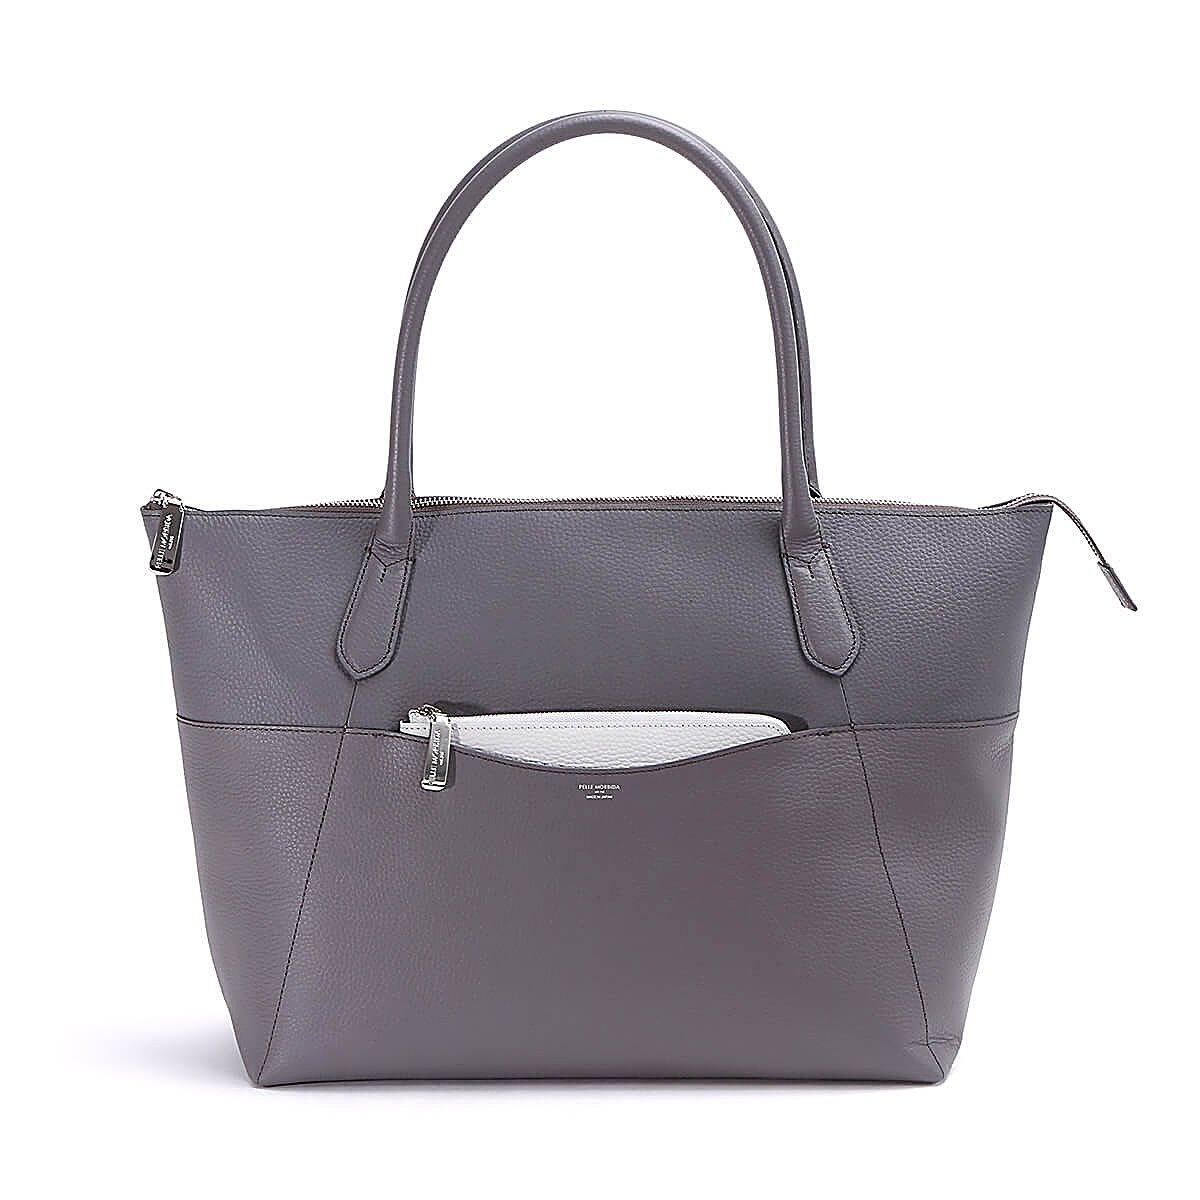 ペッレモルビダ トートバッグ Color Tote Bag Limited Model PMO-ST006 B078Y8XZGSチャコールグレー